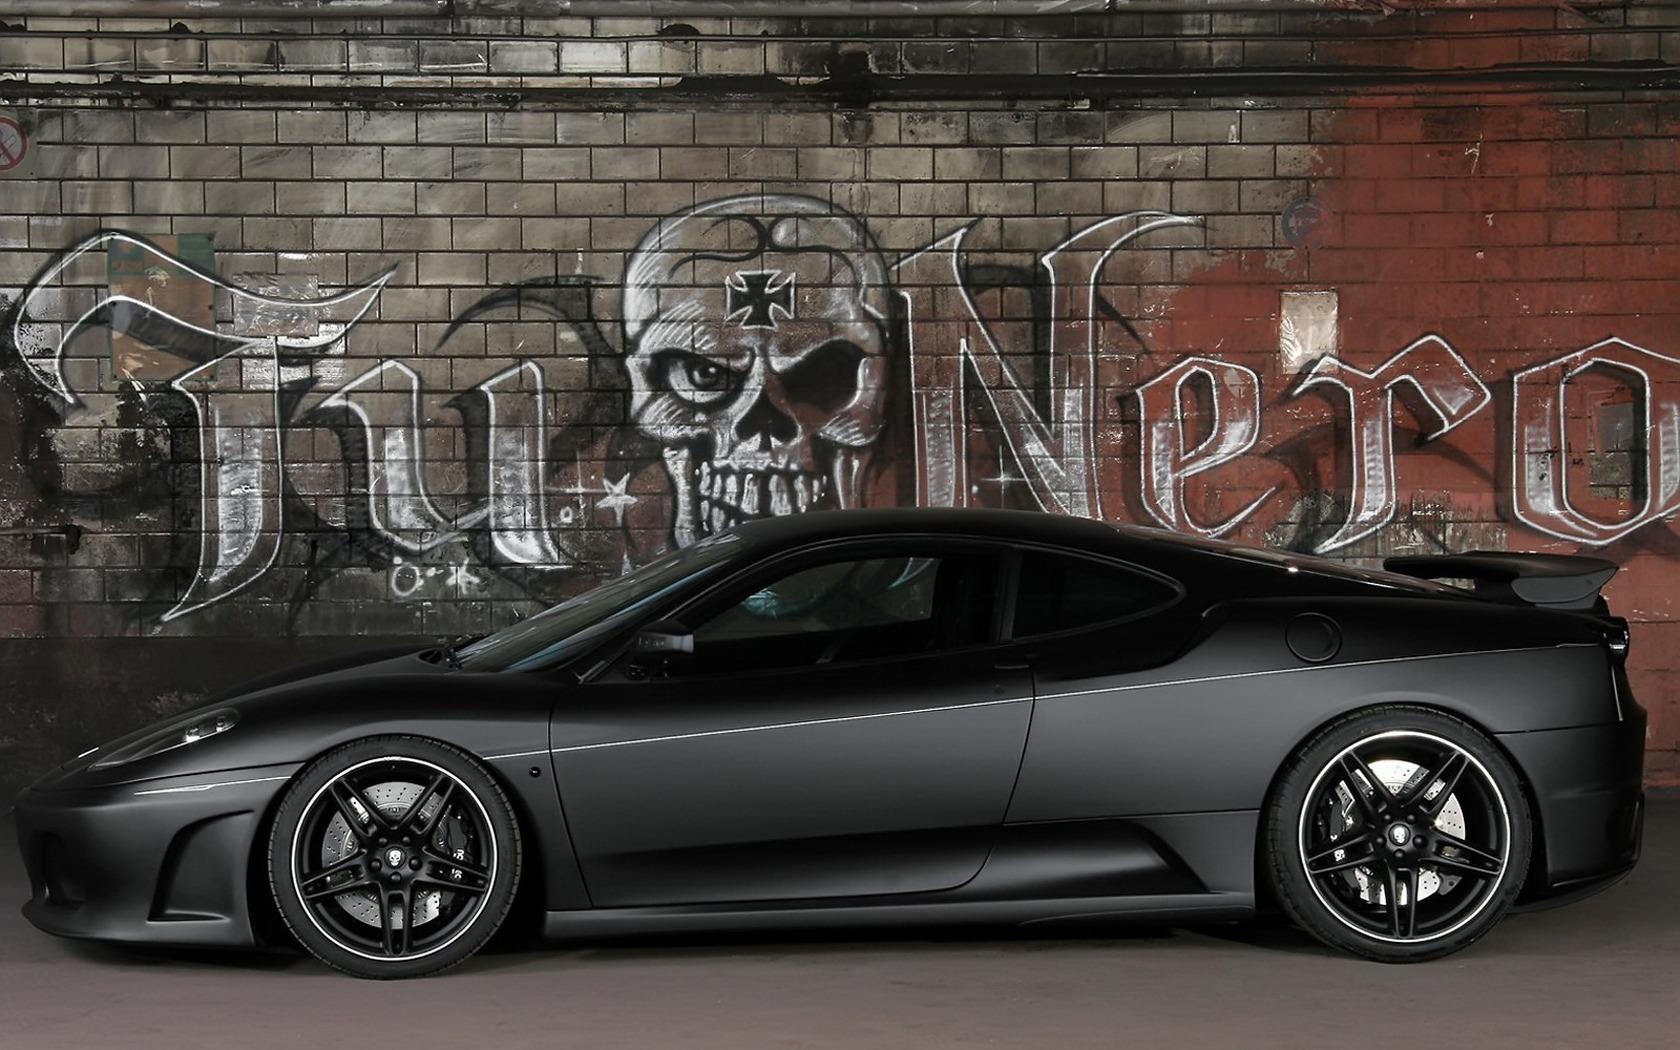 Black Ferrari Cars Wallpapers Sf Wallpaper